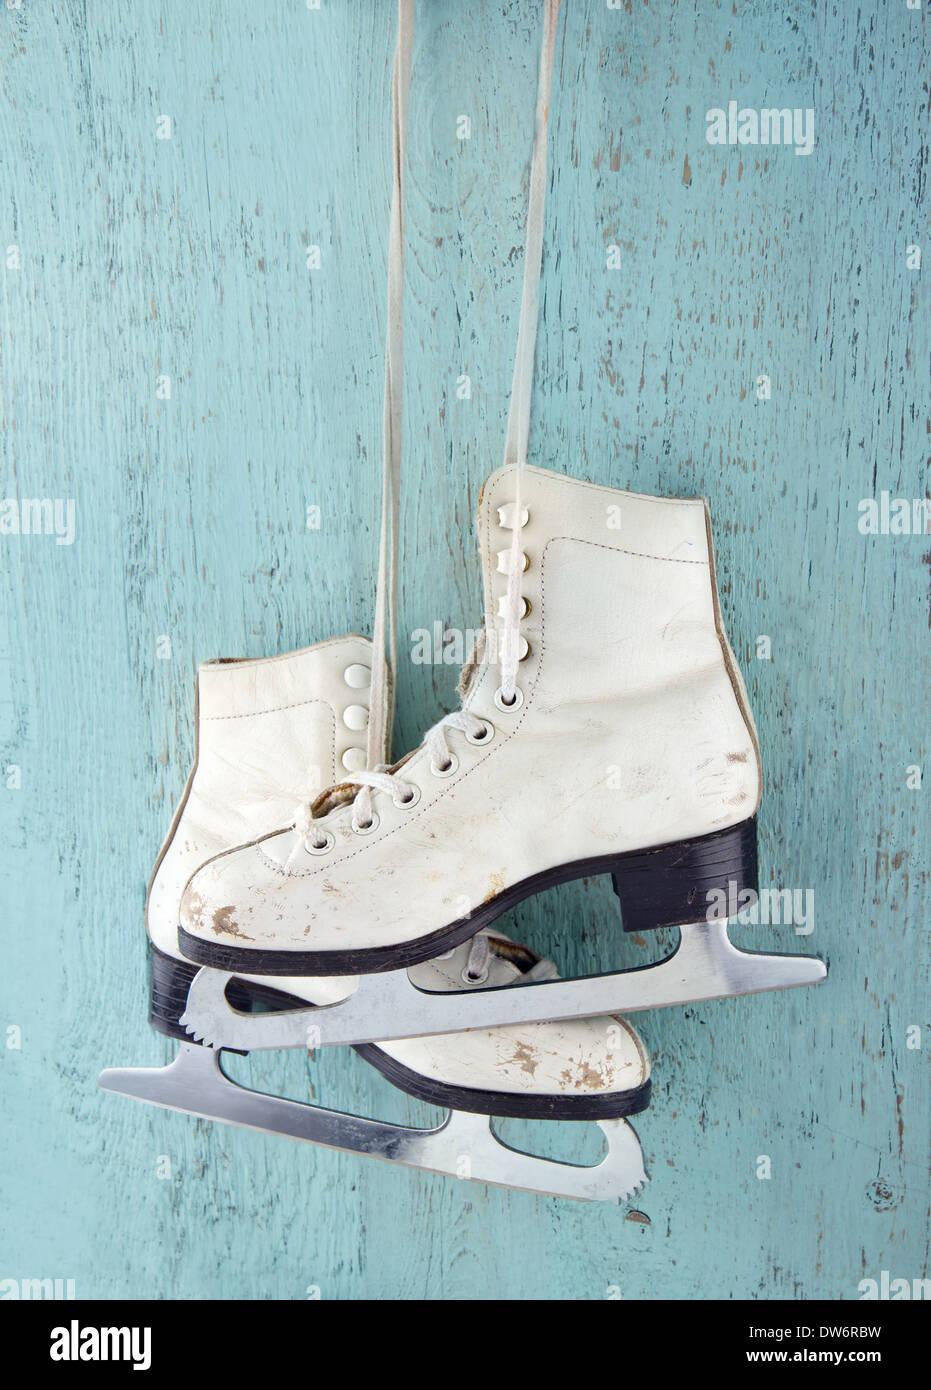 Coppia di donne bianche di pattini da ghiaccio sul blu vintage sfondo di legno - femminile sport invernali concept Immagini Stock